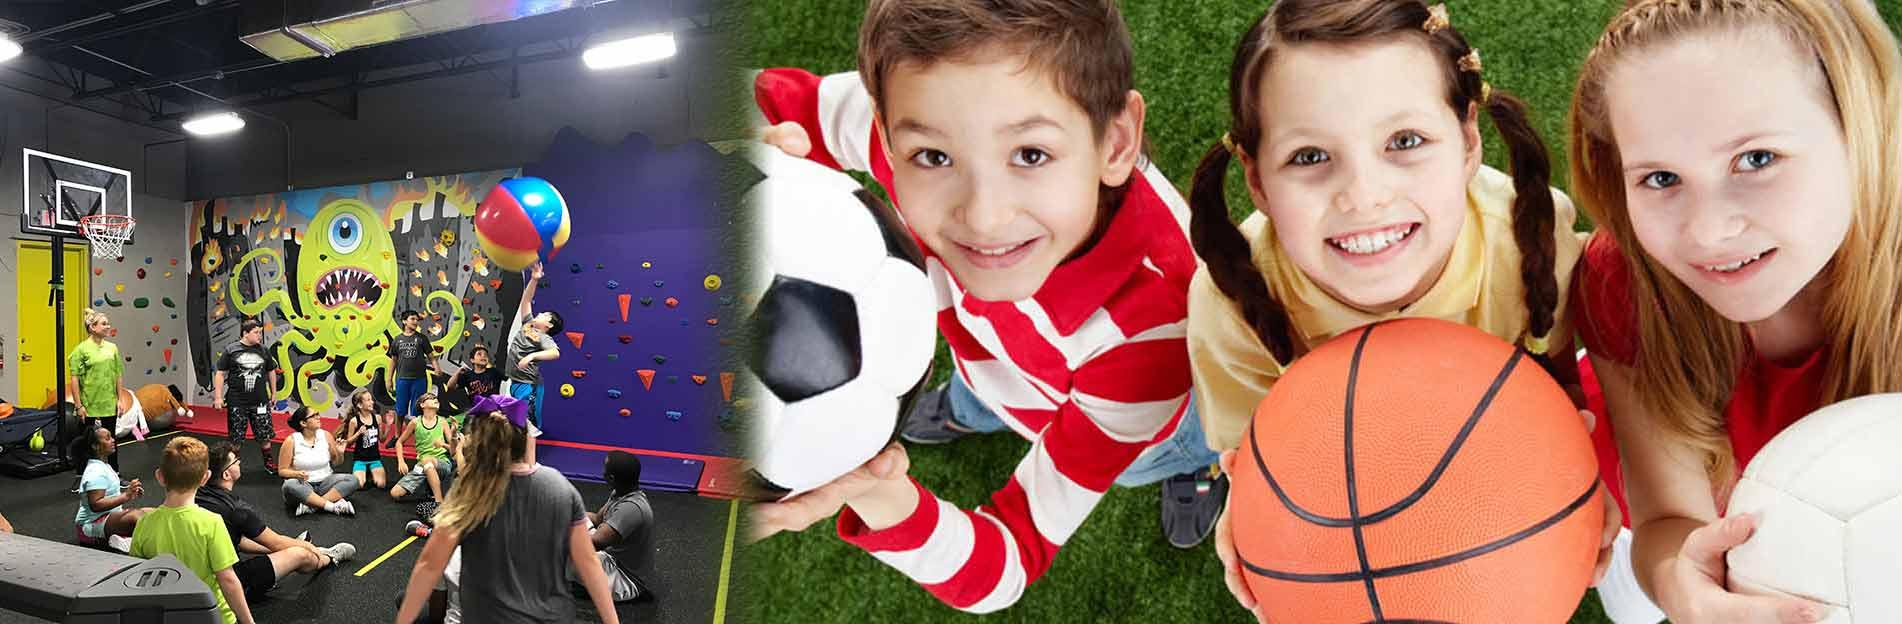 Sports 4 Kids